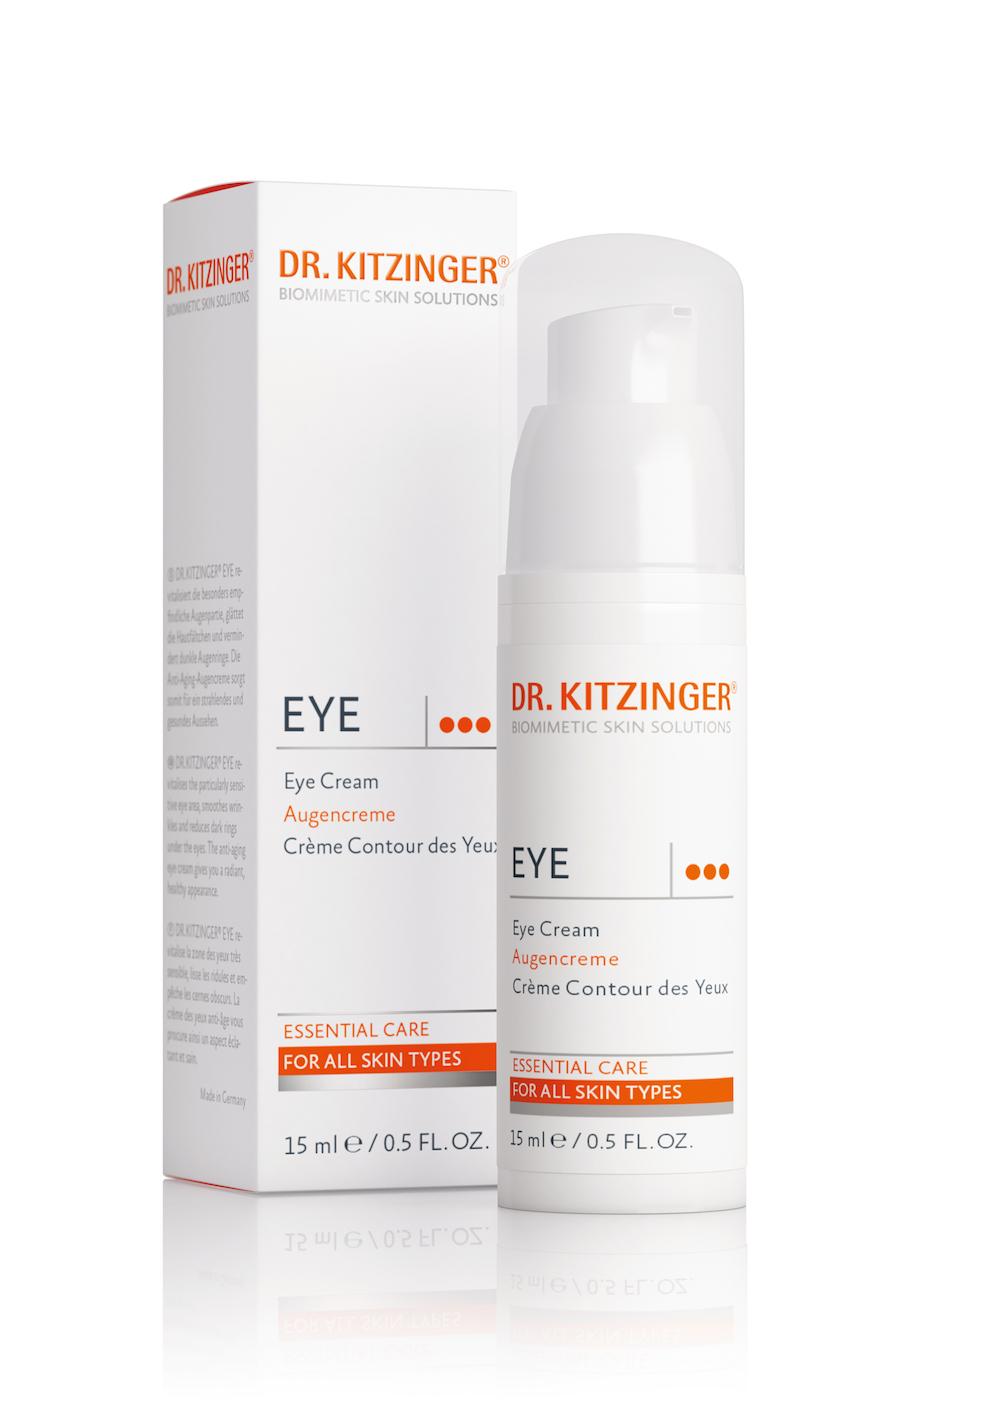 Dr. Kitzinger – Eye - Augenpflegecreme 15 ml